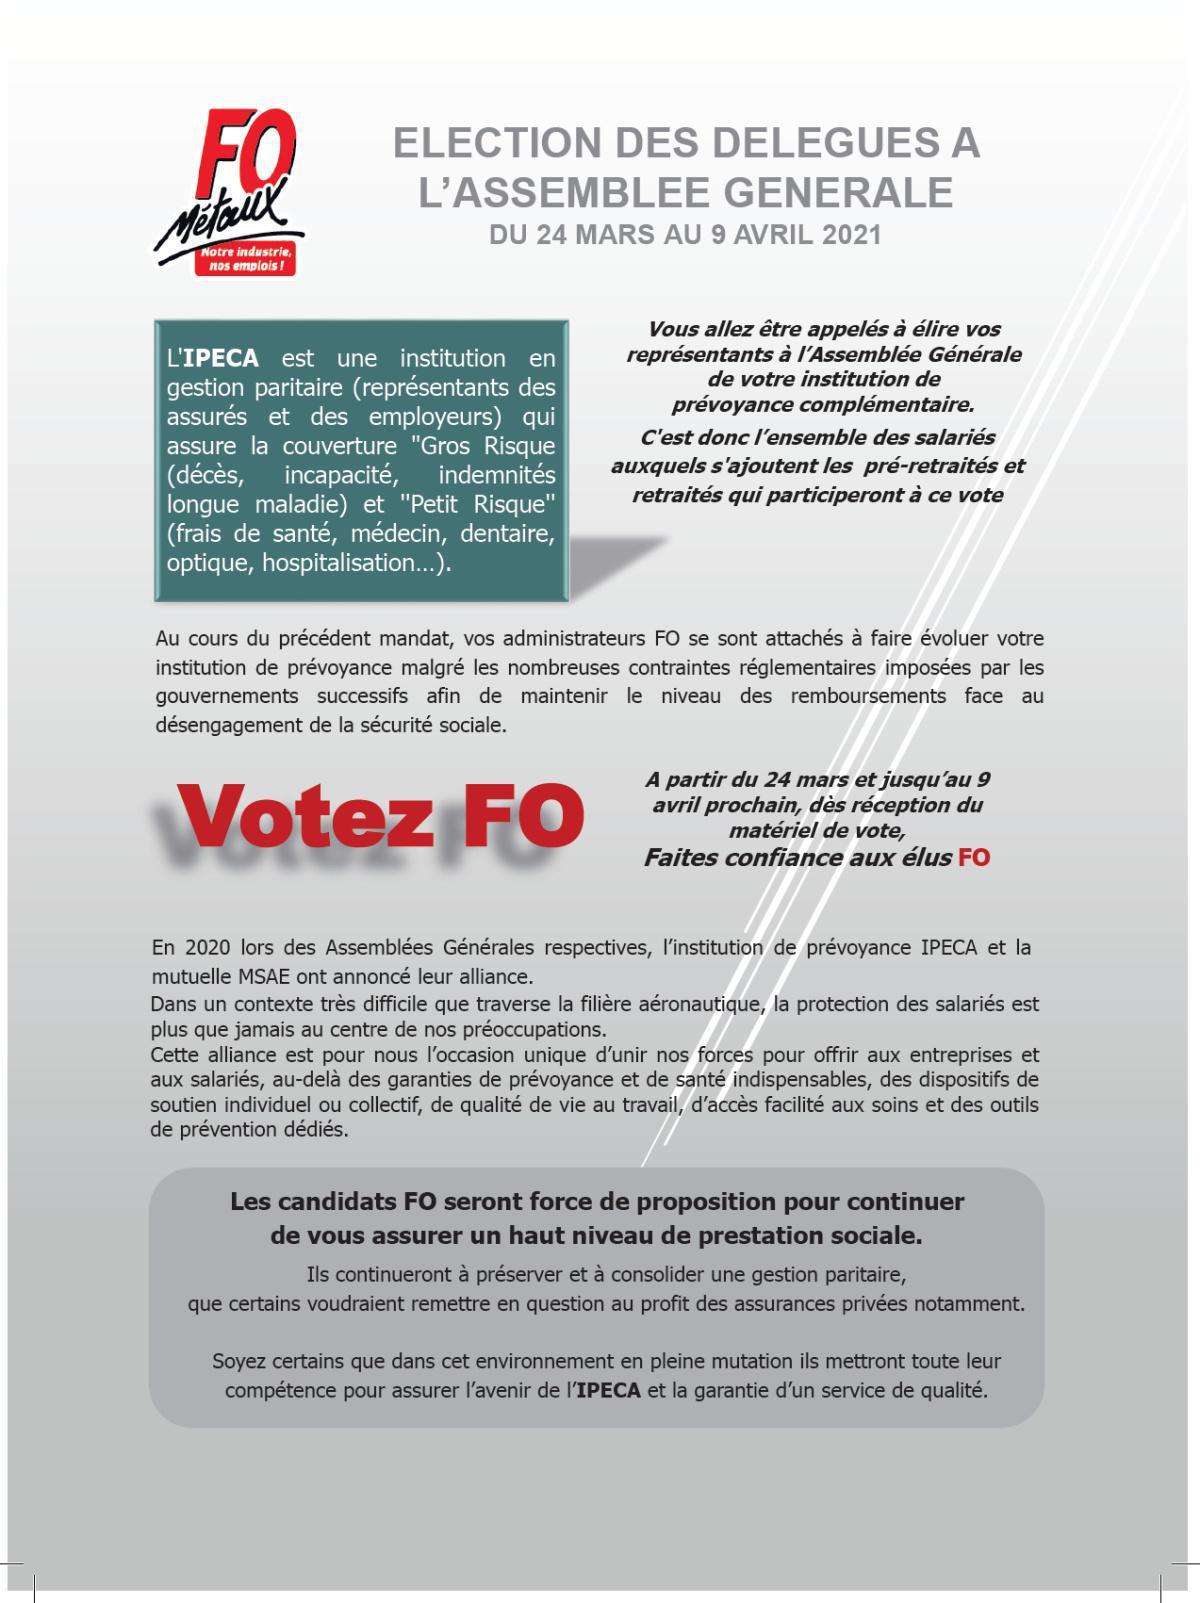 Liste des candidats pour l'élection des délégués à l'assemblée générale et la procédure pour voter